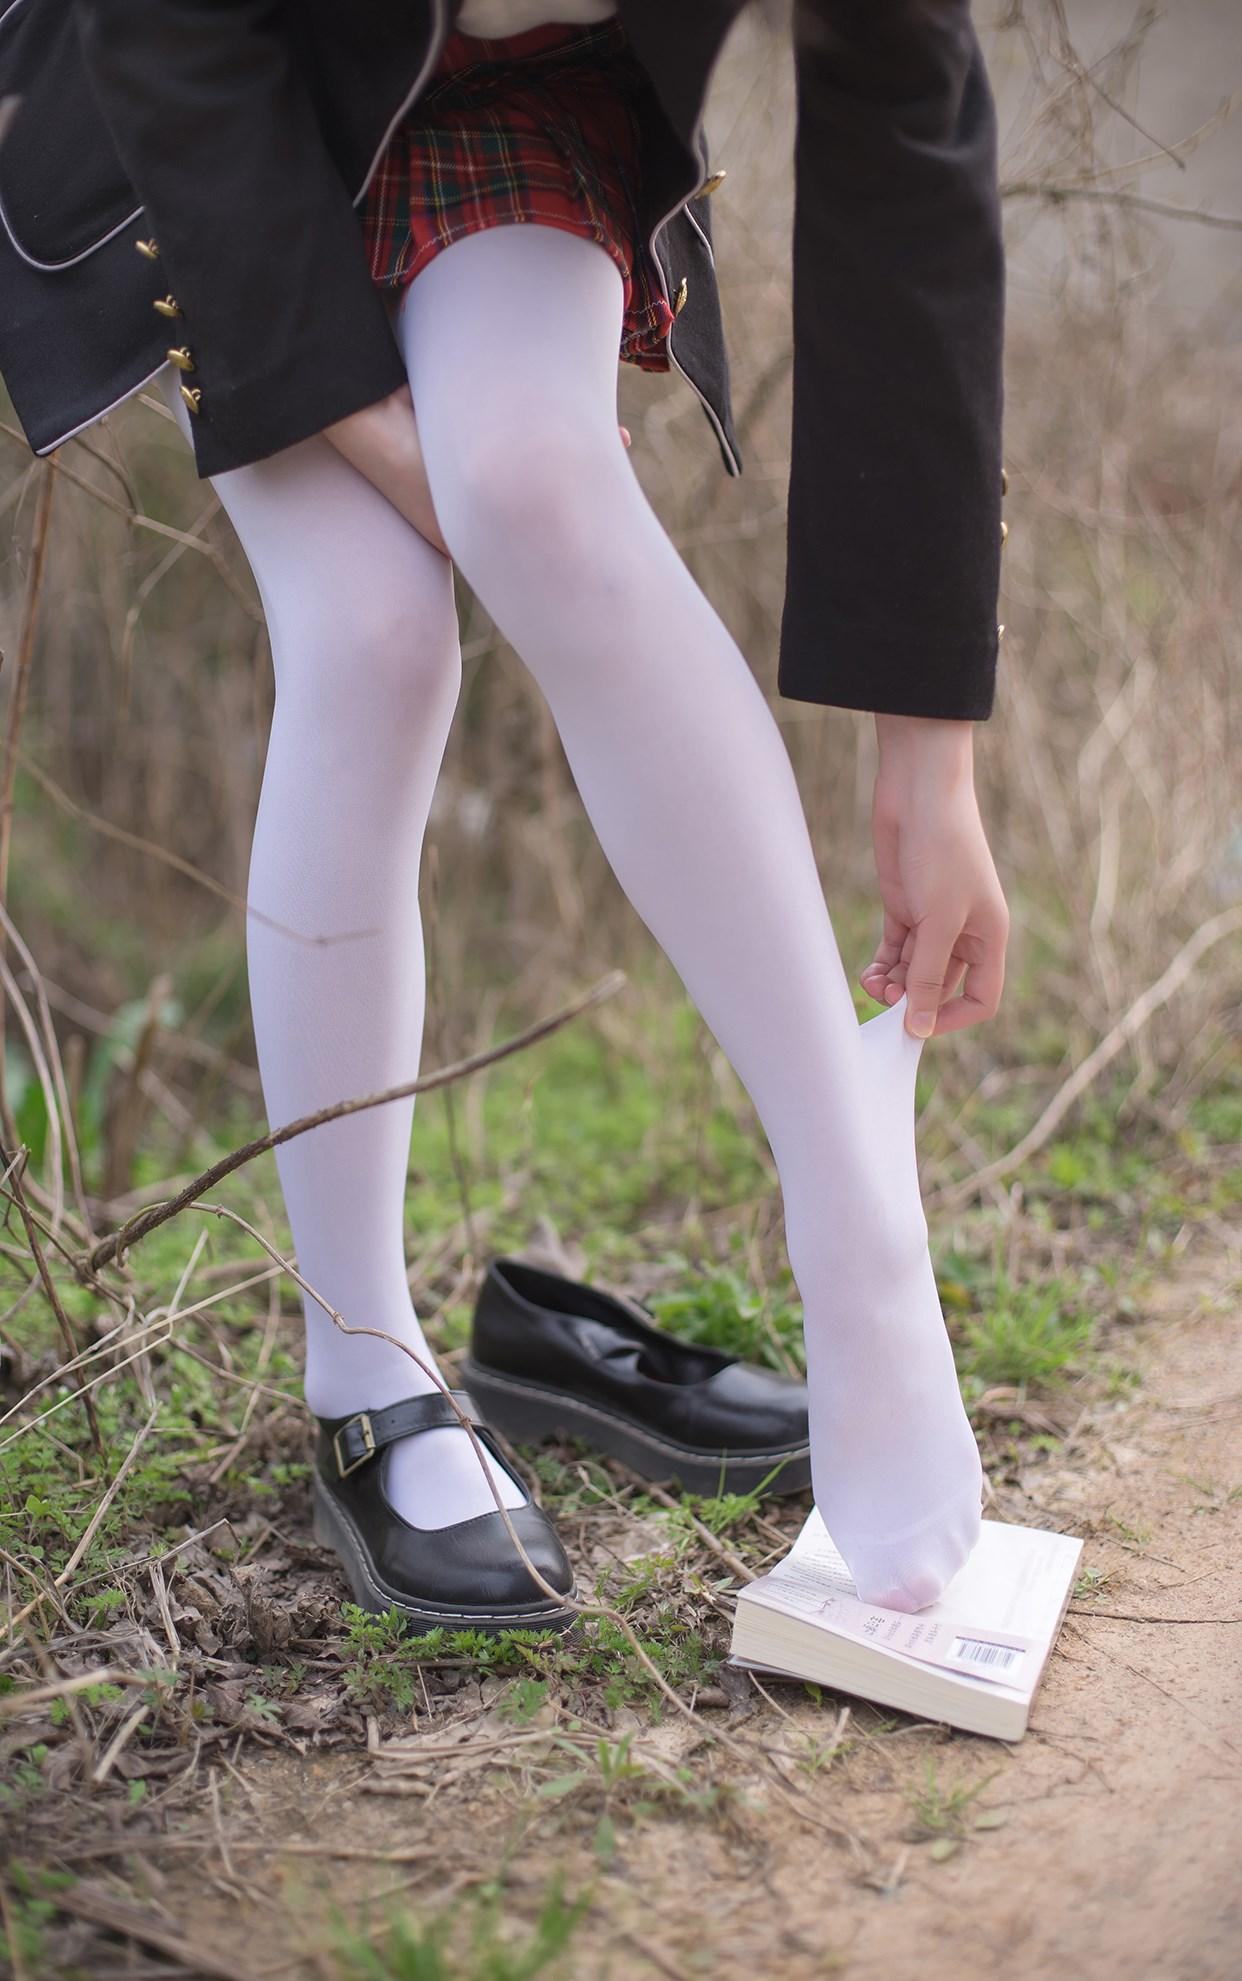 【兔玩映画】白丝萝莉腿竟然这么长! 兔玩映画 第27张